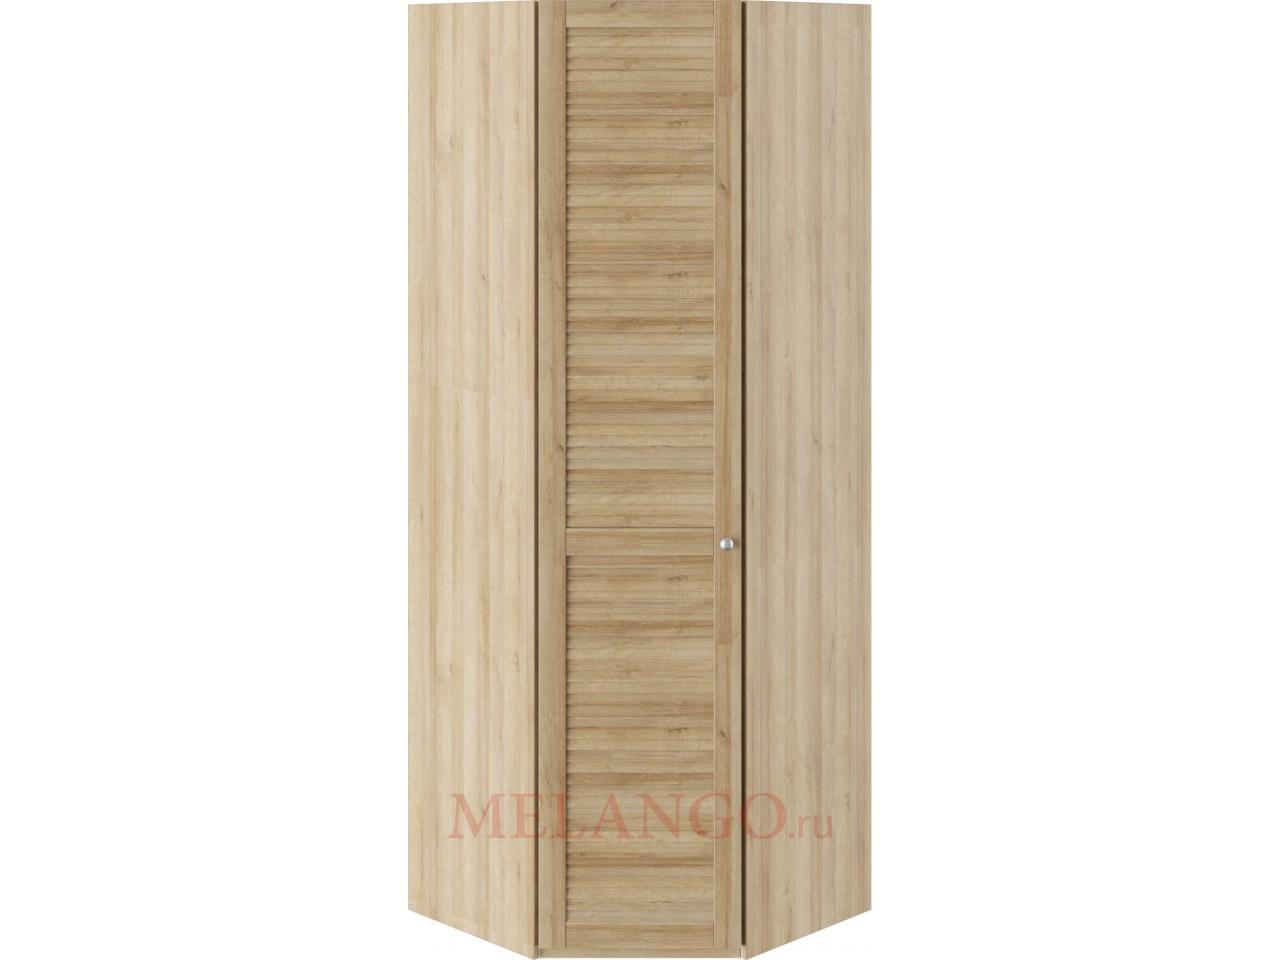 Шкаф угловой с 1-ой дверью левый «Ривьера» (Дуб Ривьера) СМ 241.23.003 L